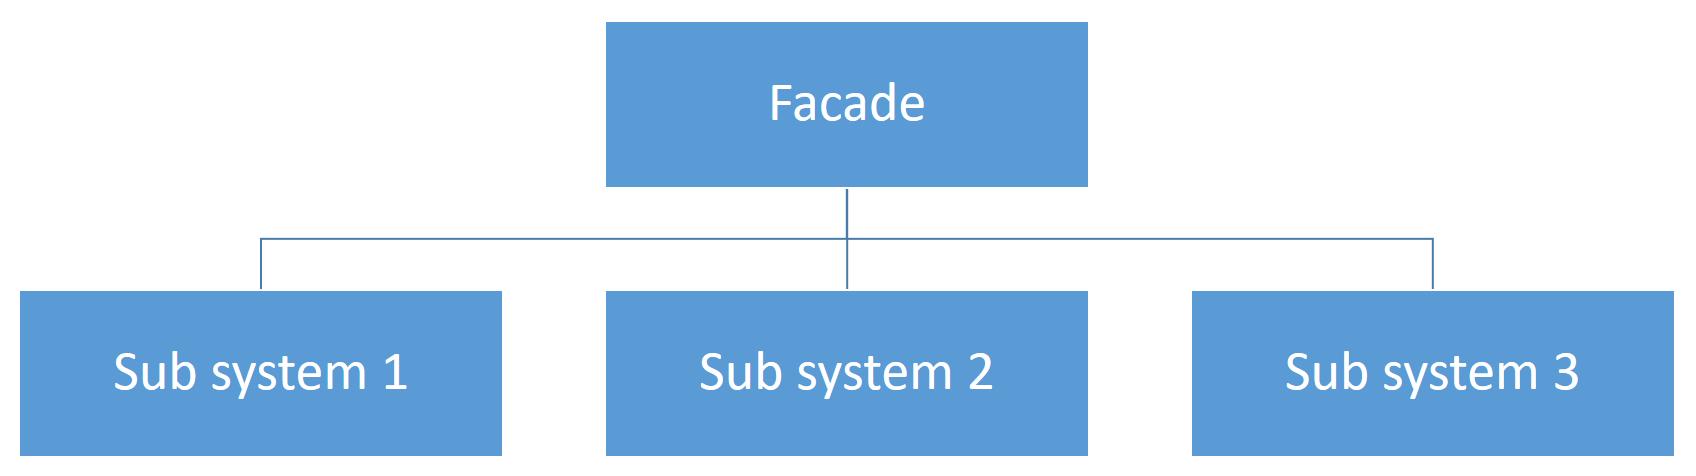 Facade Pattern 1